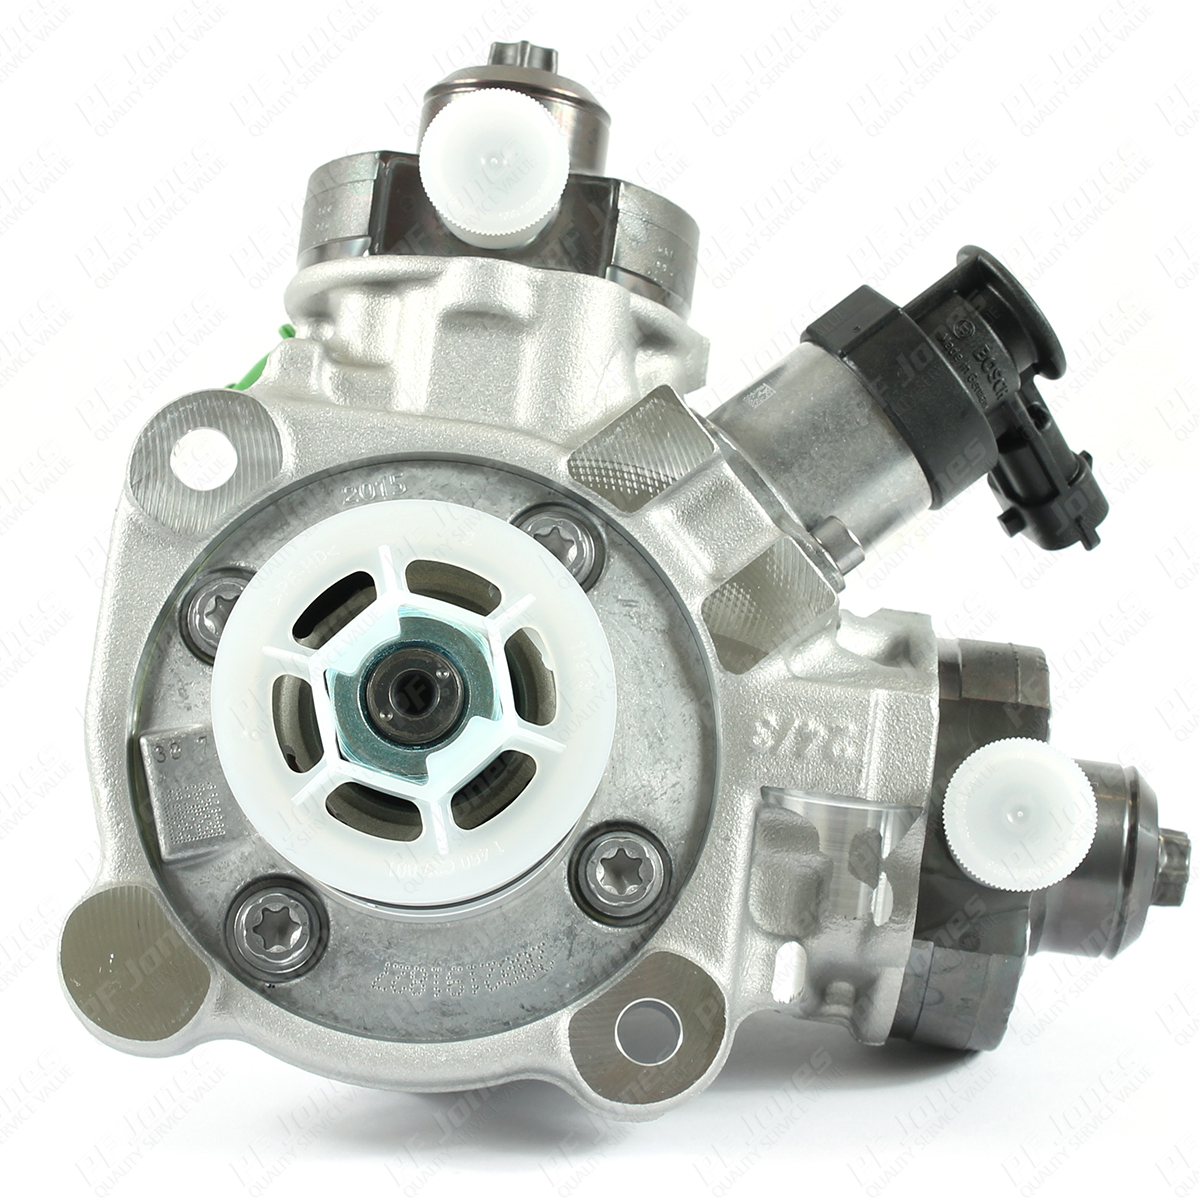 Honda Accord 22 I Dtec 2008 Present New Bosch Diesel Fuel Pump 0445010612